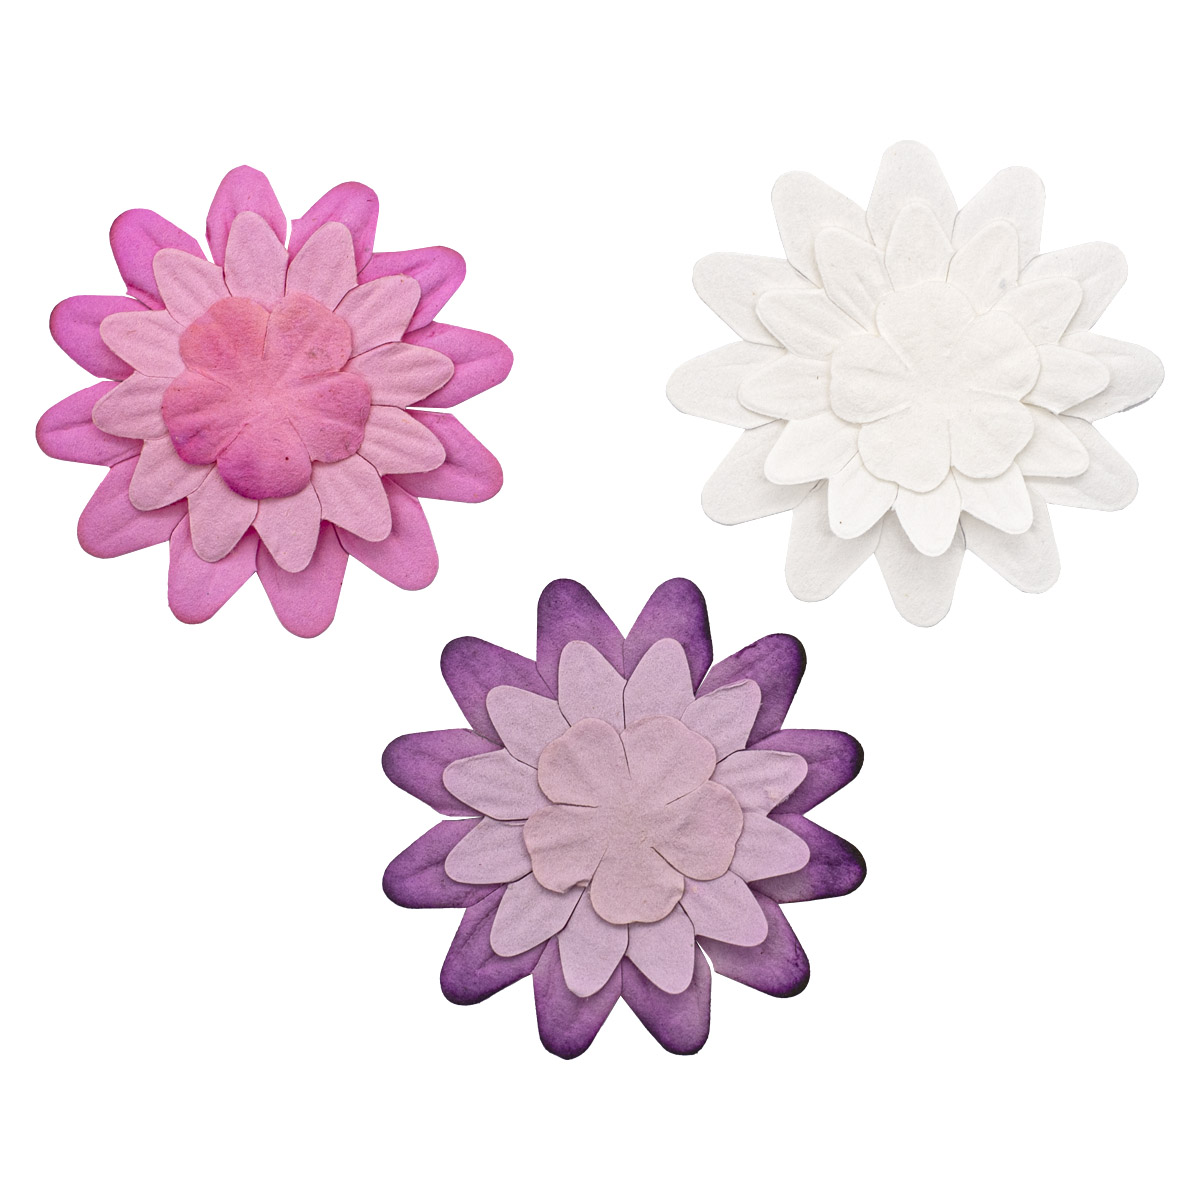 Набор принтованных бумажных цветочков 'Бело-розовое ассорти' 20мм, 35мм, 50мм, 180шт